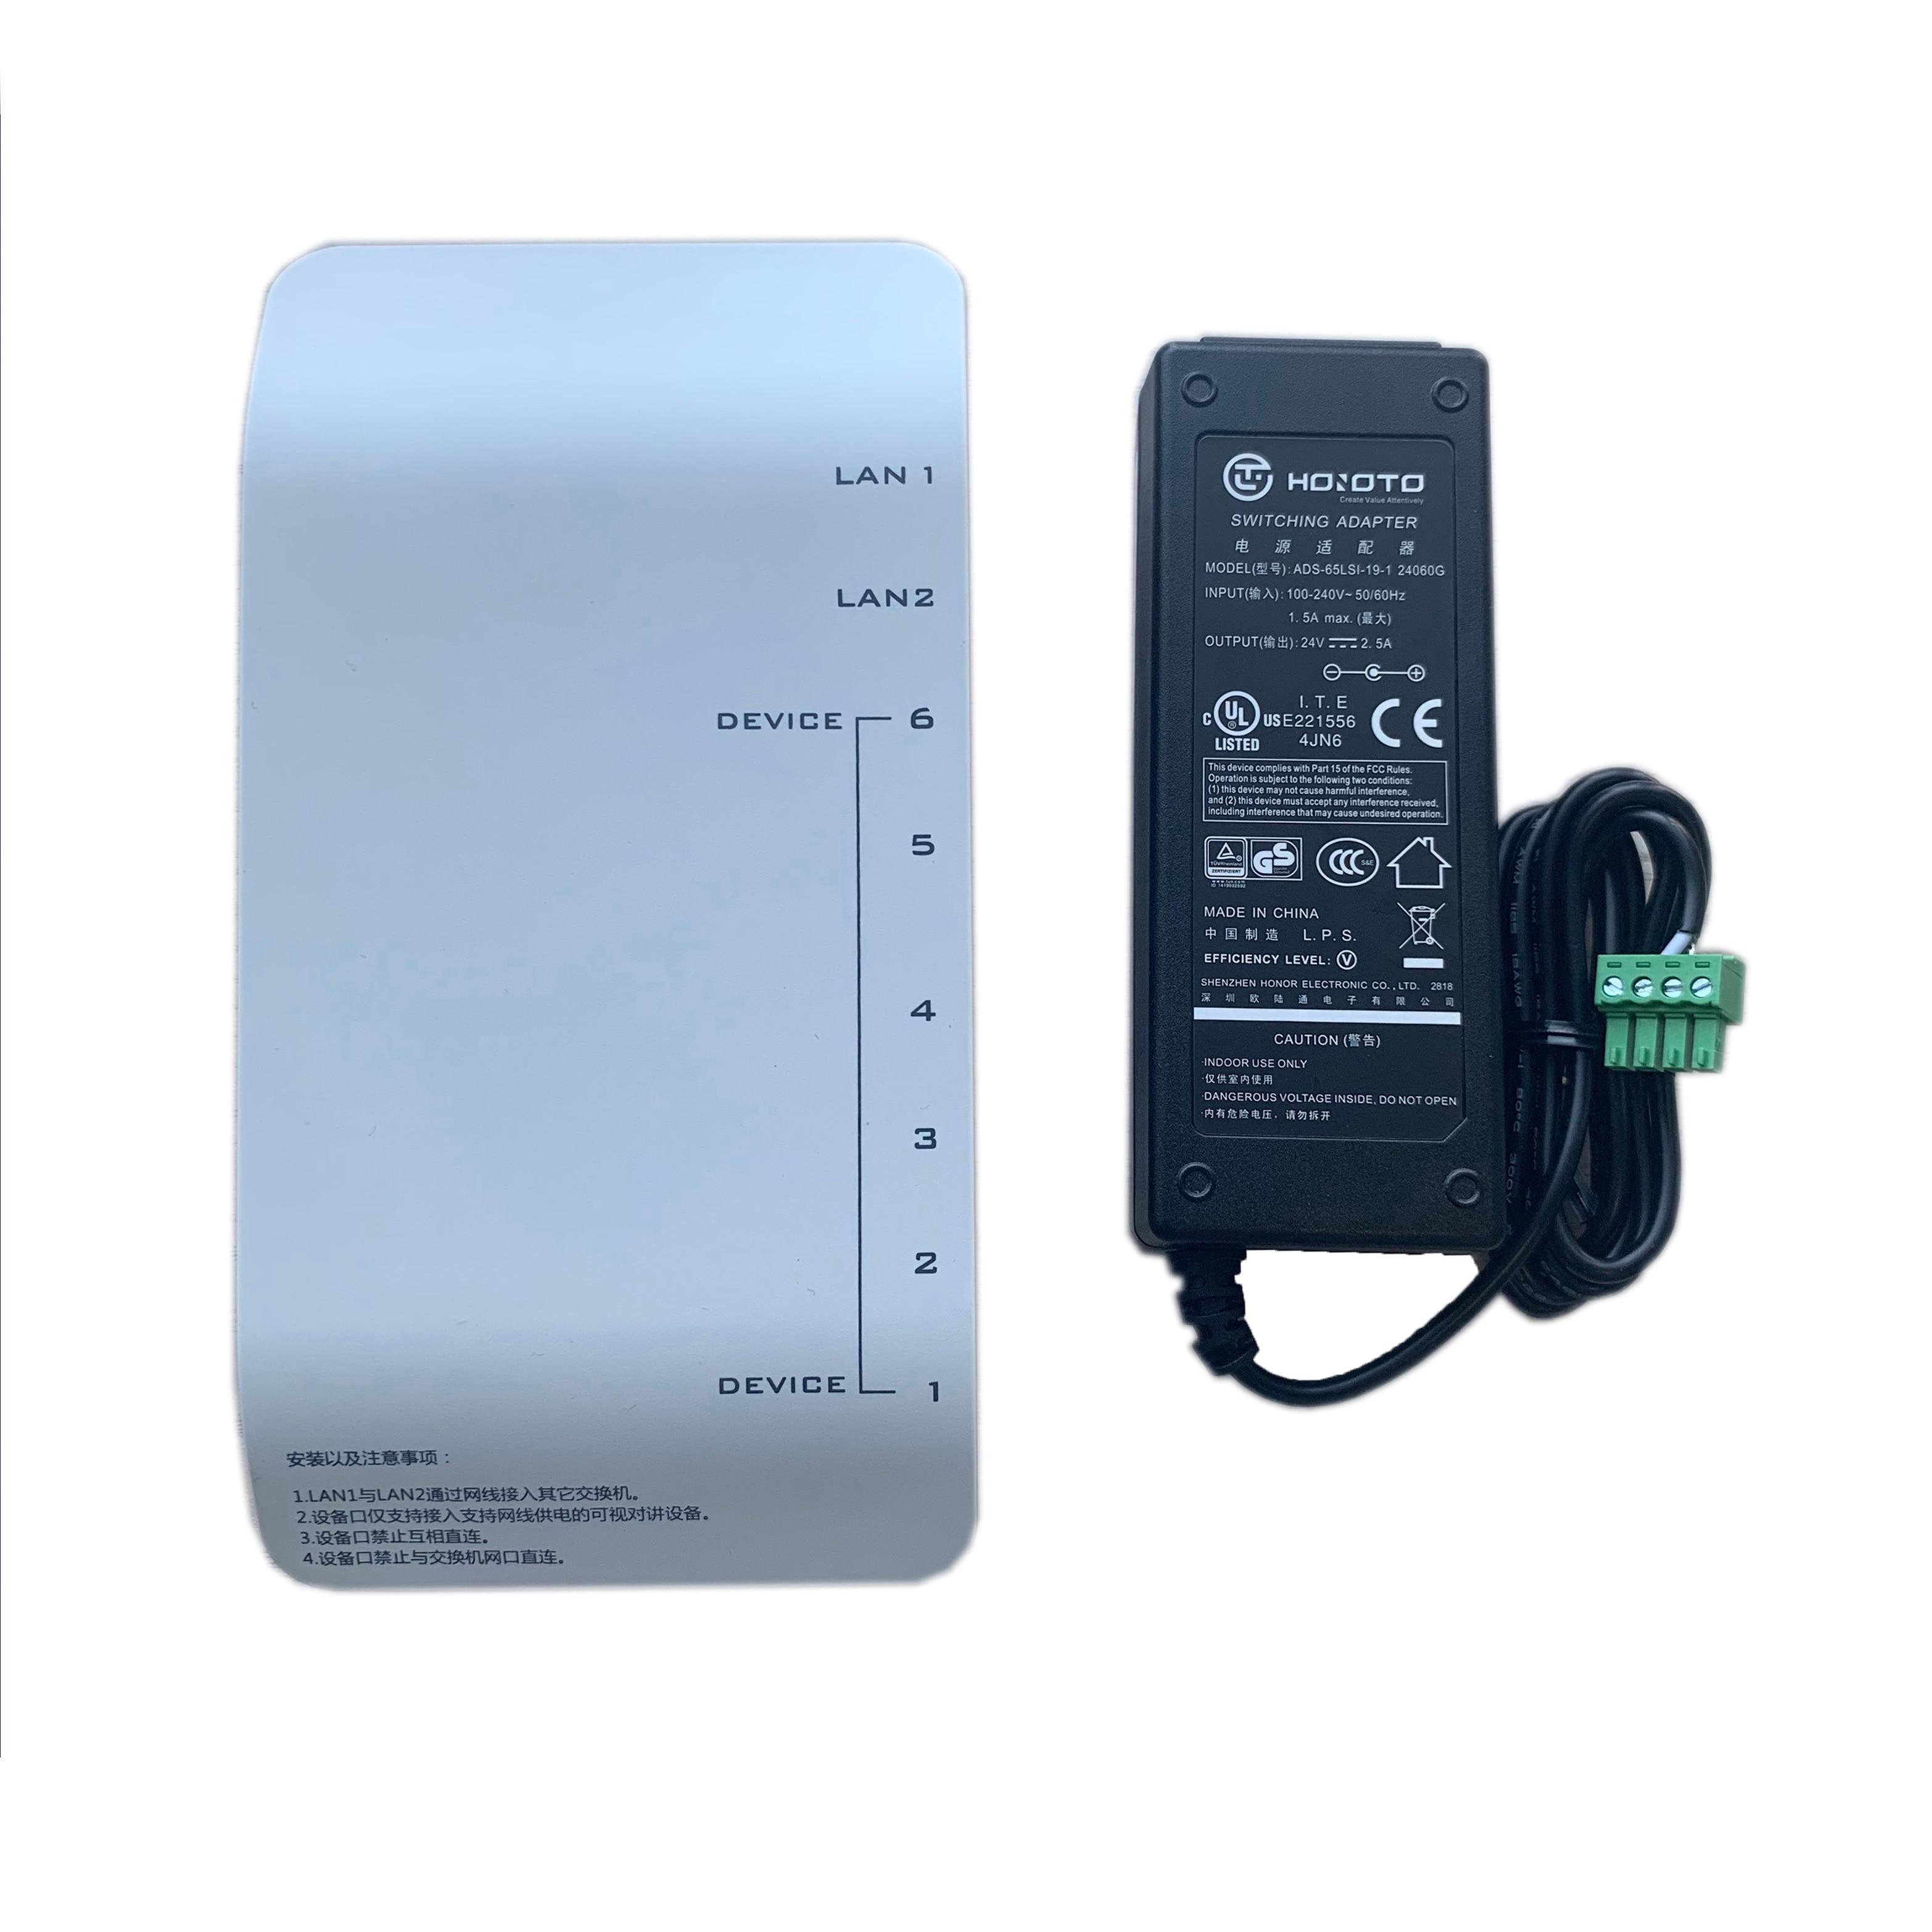 hik ds kad606 n ds kad606 p para ip video porteiro incluem adaptador de alimentacao fonte